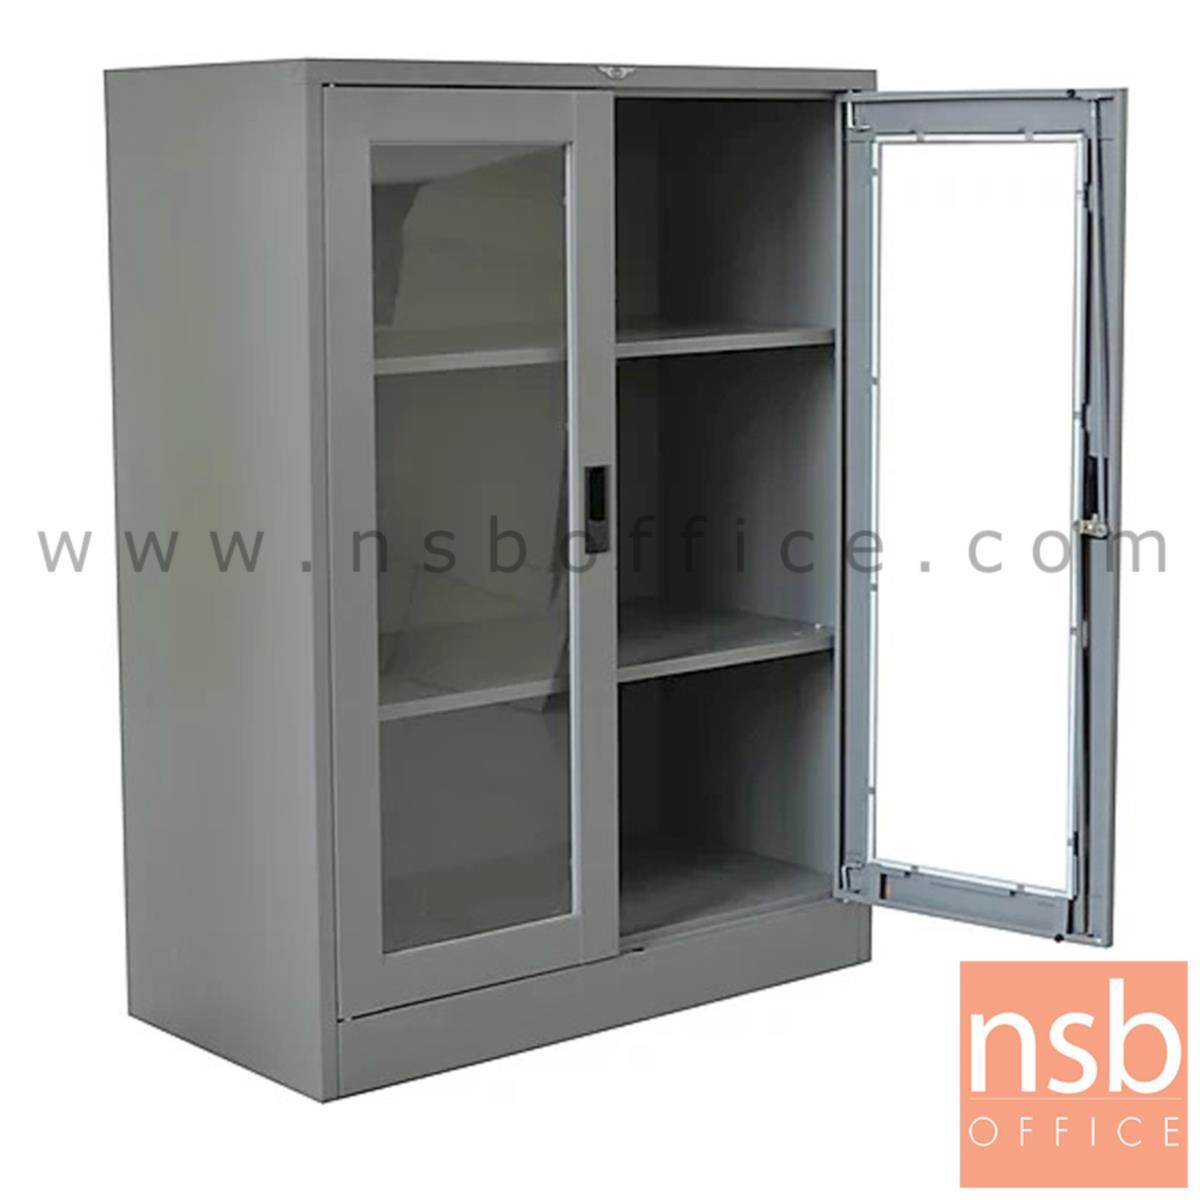 ตู้เหล็ก 2 บานเปิดกระจกใสมือจับฝัง รุ่น Gaston (แกสตัน) 3 ฟุต 4 ฟุต (122.5 H cm.)